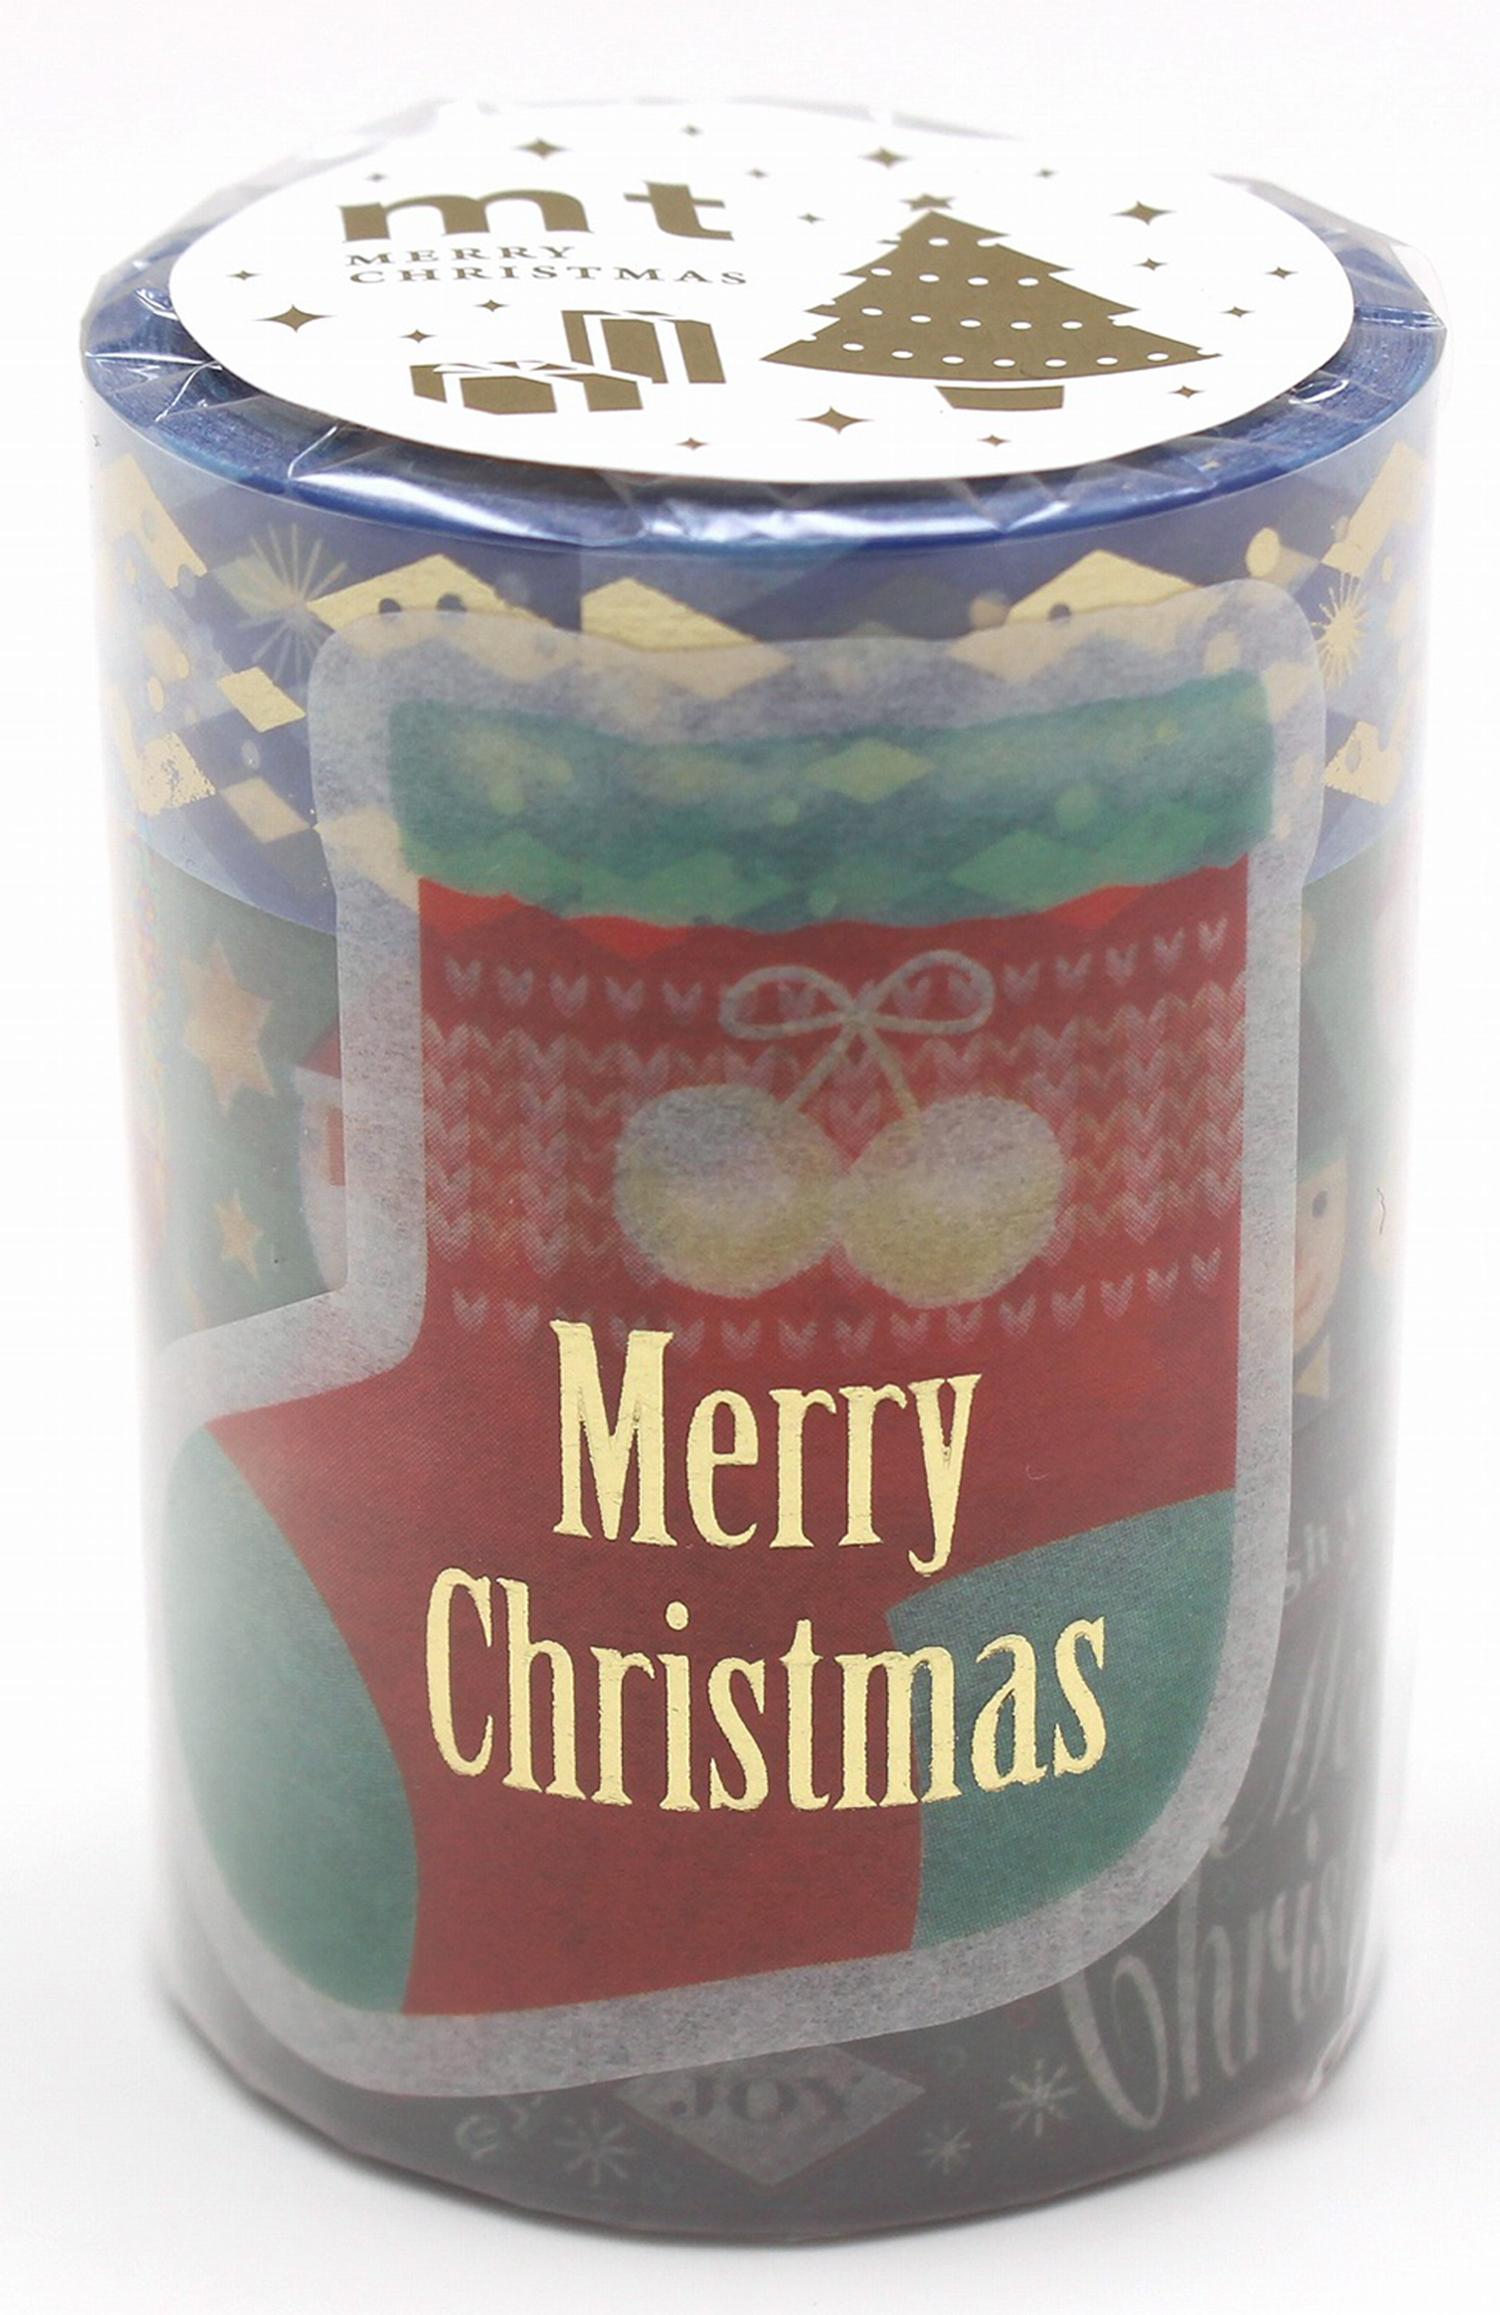 プレゼント ラッピング 壁にマステでツリー作りも スーパーセール限定ポイント2倍 カモ井加工紙 mtクリスマス3個セット2020 A 靴下シール1枚付 内容 ダイヤパターン 商店 15mm マスキングテープ 20mm 黒板 カモ井 いろんなサンタ マステ 開店祝い マス mt 25mm mt クリスマス